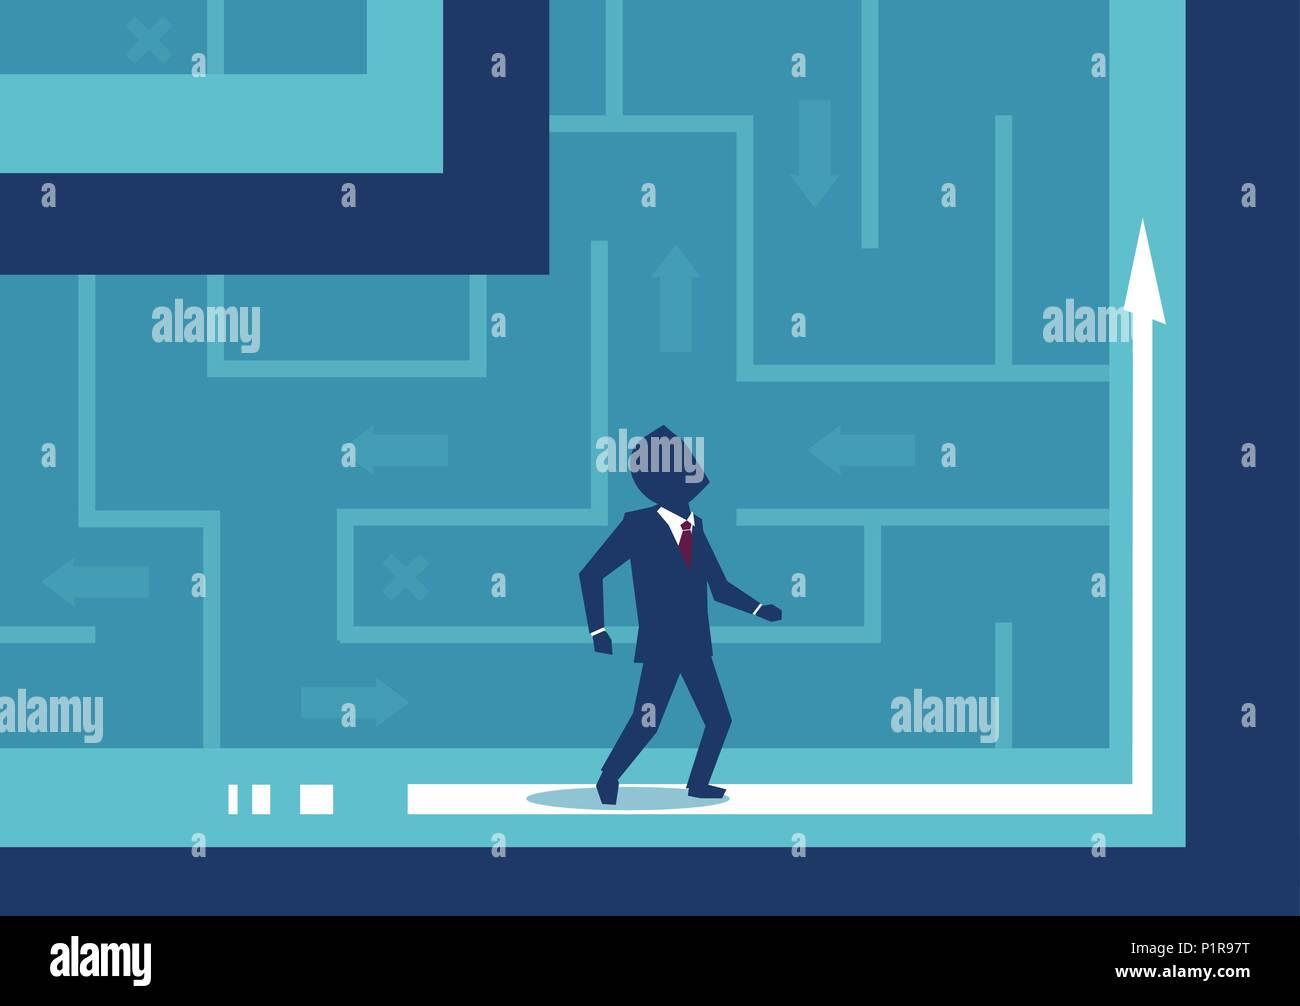 Vektor Bild der Geschäftsmann mit Richtung im Labyrinth verloren gehen, verwirrt. Stockbild